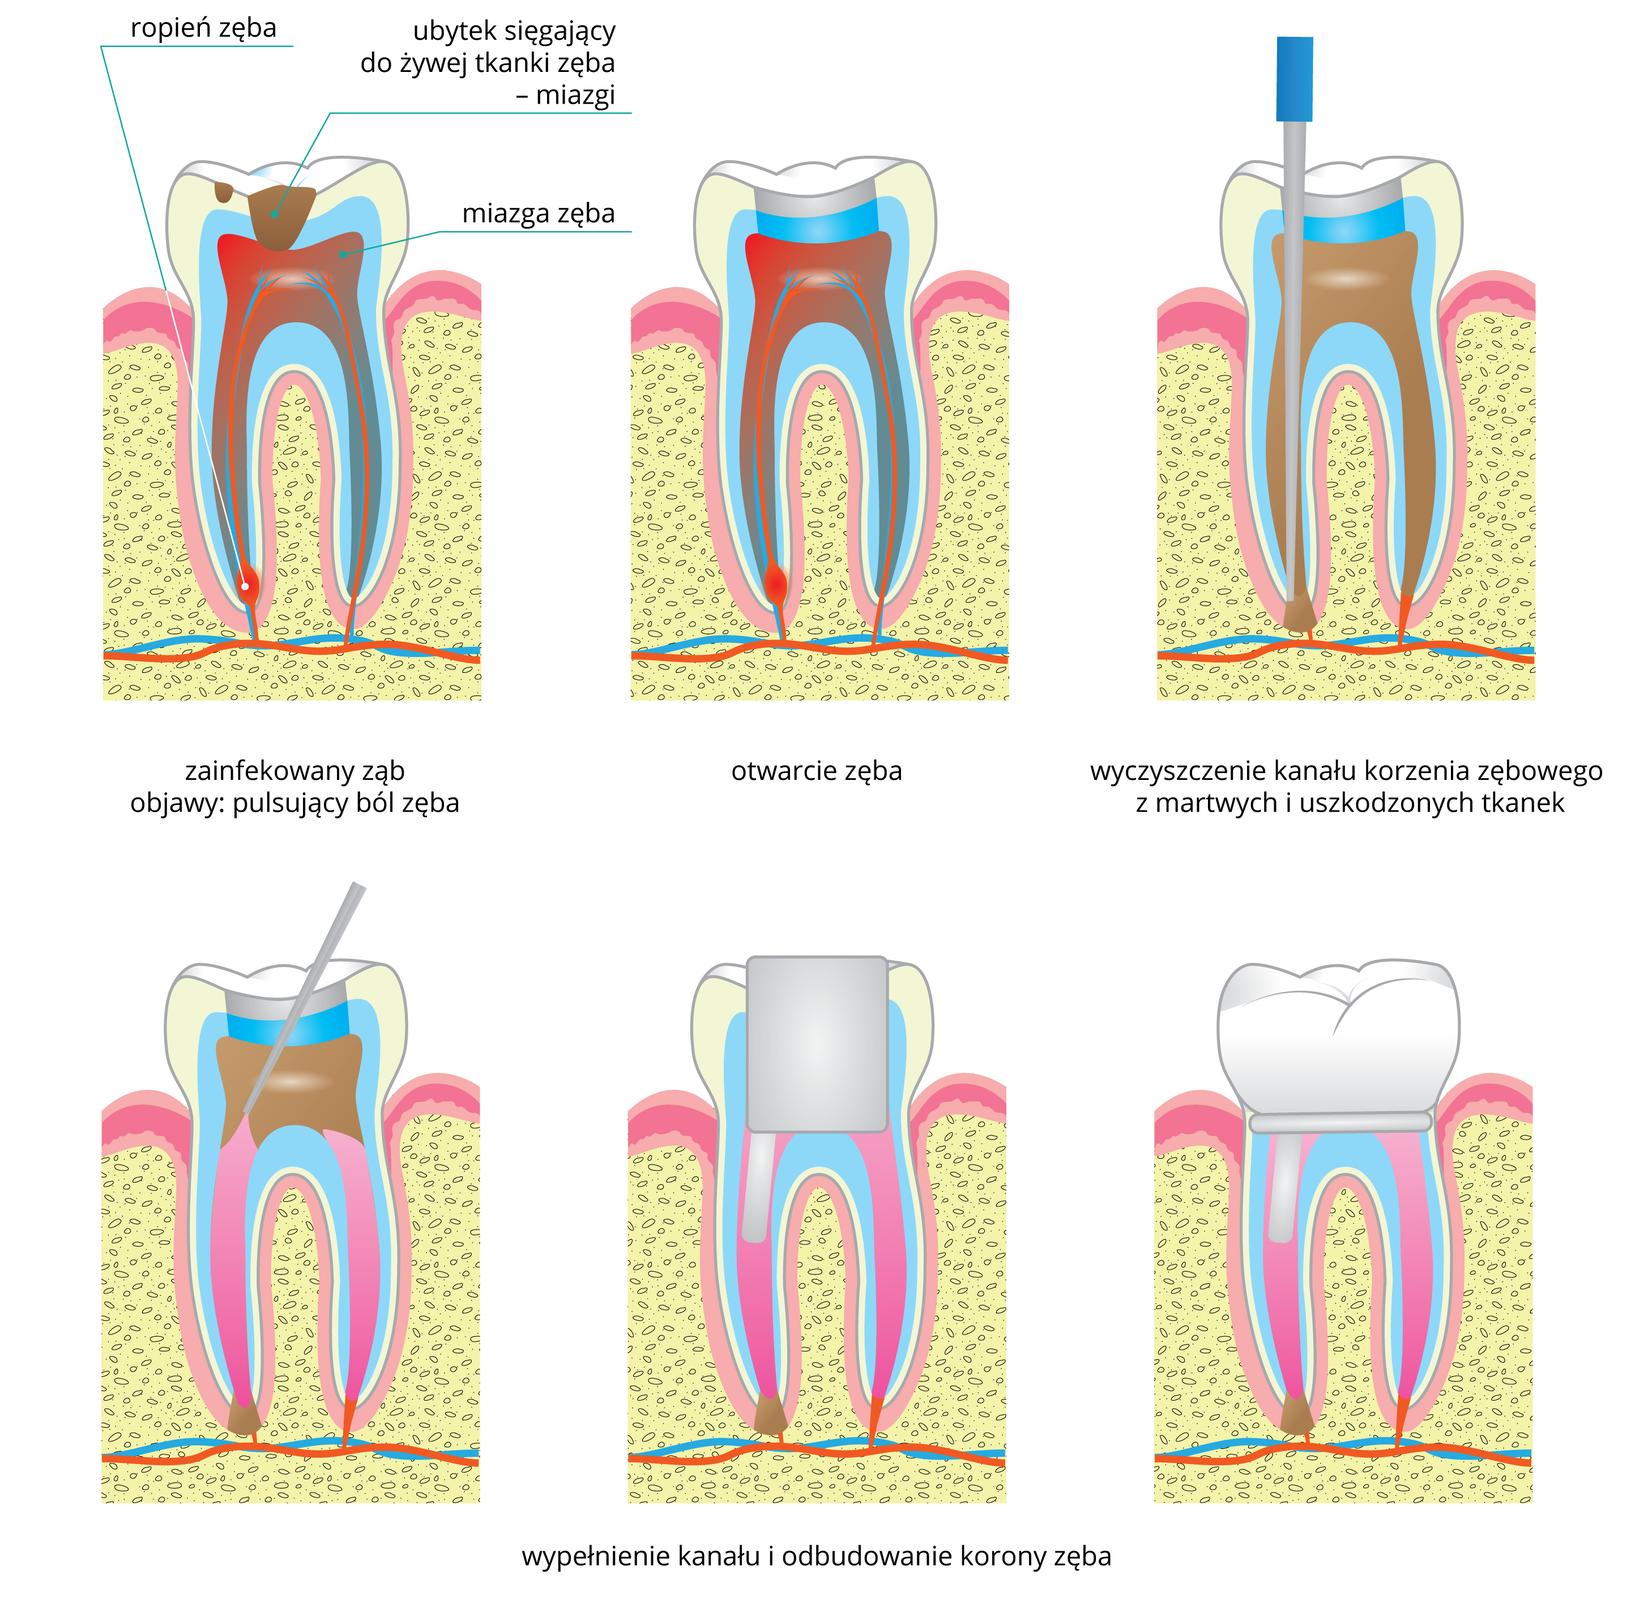 Na ilustracji znajduje się wdwóch rzędach 6 rysunków zęba, przedstawiających kolejne etapy leczenia ropnia. Wlewym górnym rogu ukazano zainfekowany ząb. Na szkliwie są brązowe plamki, czyli ubytki. Jeden znich sięga do żywej tkanki zęba – miazgi. Na czerwono zaznaczono bolesny stan zapalny miazgi, awlewym korzeniu zęba ropień. Środkowy rysunek przedstawia otwarcie zęba: wkoronie zęba dentysta usunął część szkliwa zubytkami. Następnie do korzenia zęba zropniem wprowadził szaro – niebieskie narzędzie, którym usunął martwe tkanki. Wdolnym rzędzie zlewej przedstawiono na różowo wypełnienie kanału zęba, wnastępnym szarym czworokątem oznaczono odbudowanie korony zęba. Ostatni rysunek przedstawia wyleczony ząb.